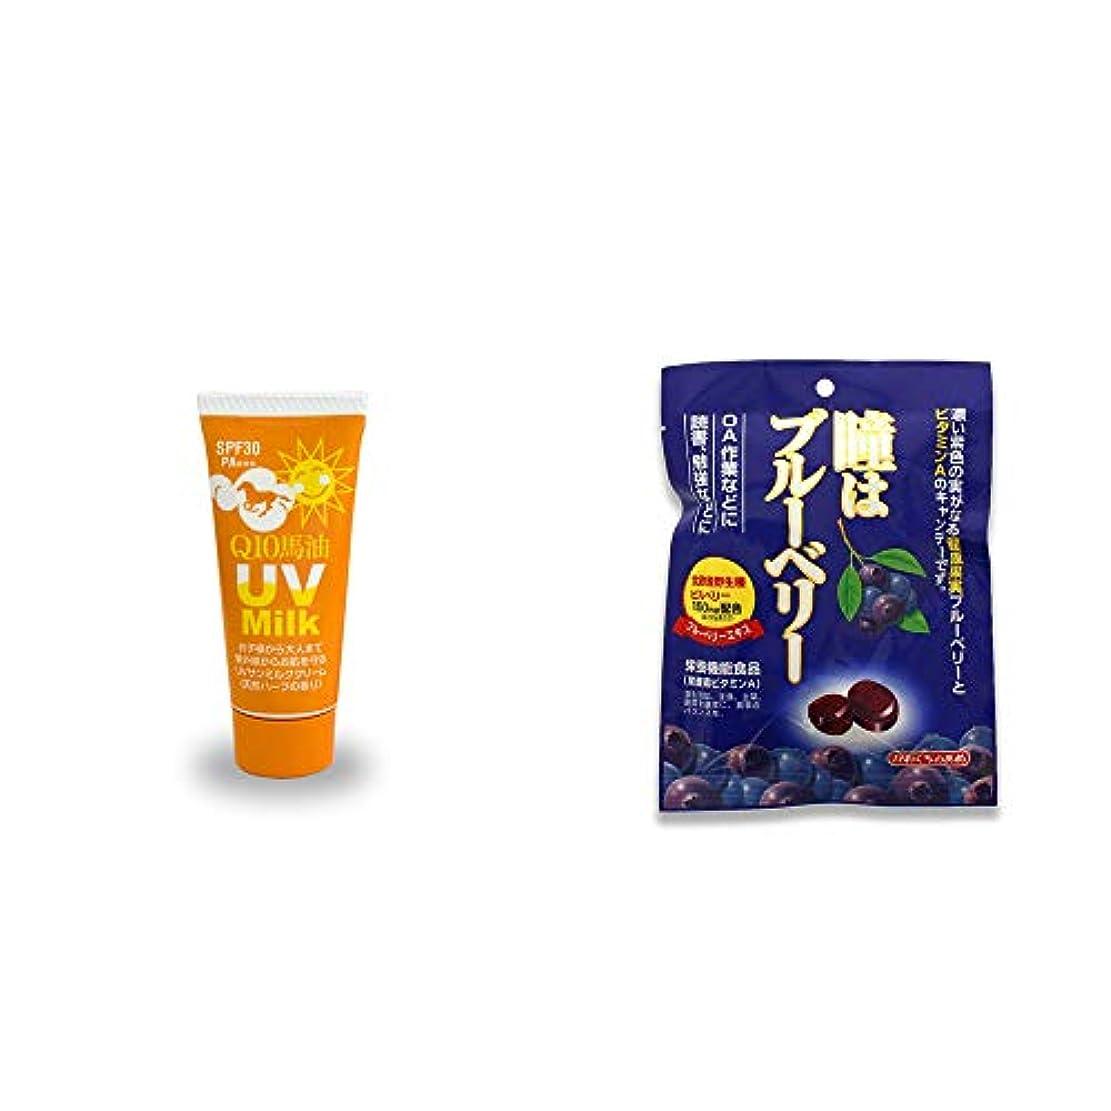 形状くしゃくしゃ贈り物[2点セット] 炭黒泉 Q10馬油 UVサンミルク[天然ハーブ](40g)?瞳はブルーベリー 健康機能食品[ビタミンA](100g)